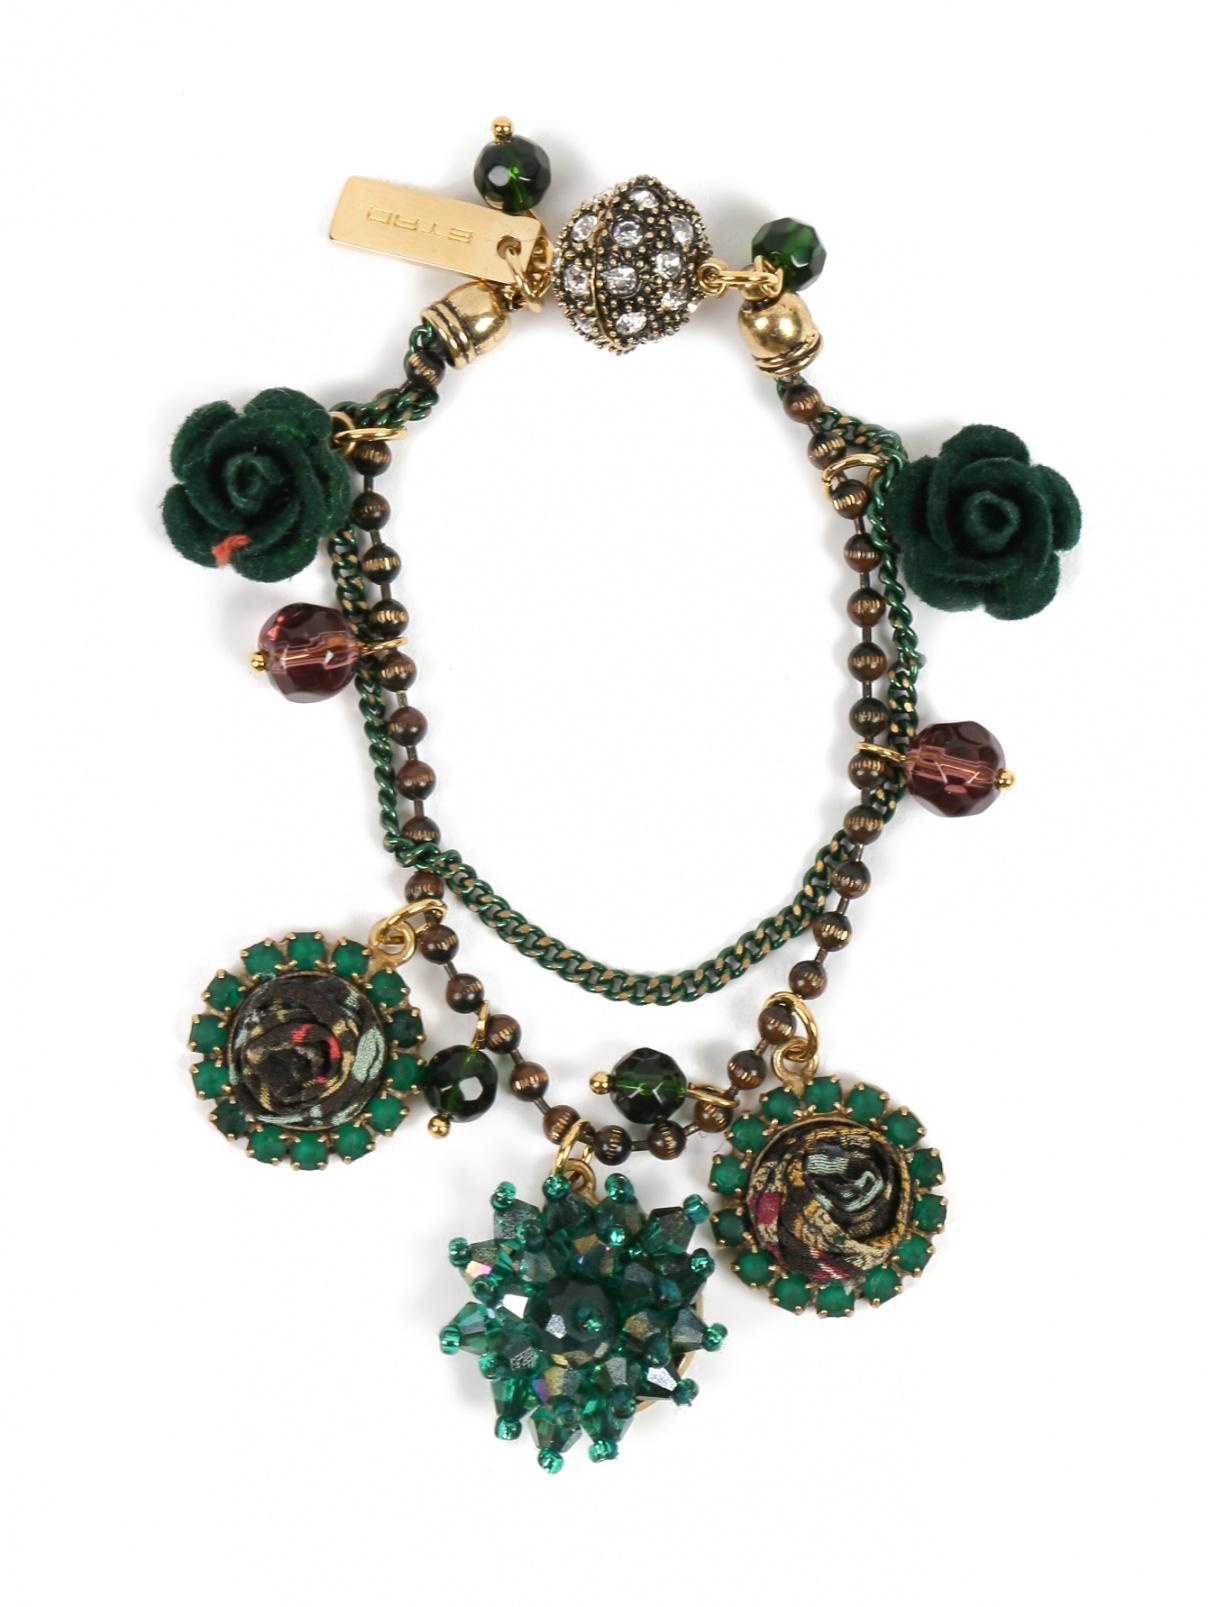 Браслет из металла и шелка Etro  –  Общий вид  – Цвет:  Зеленый